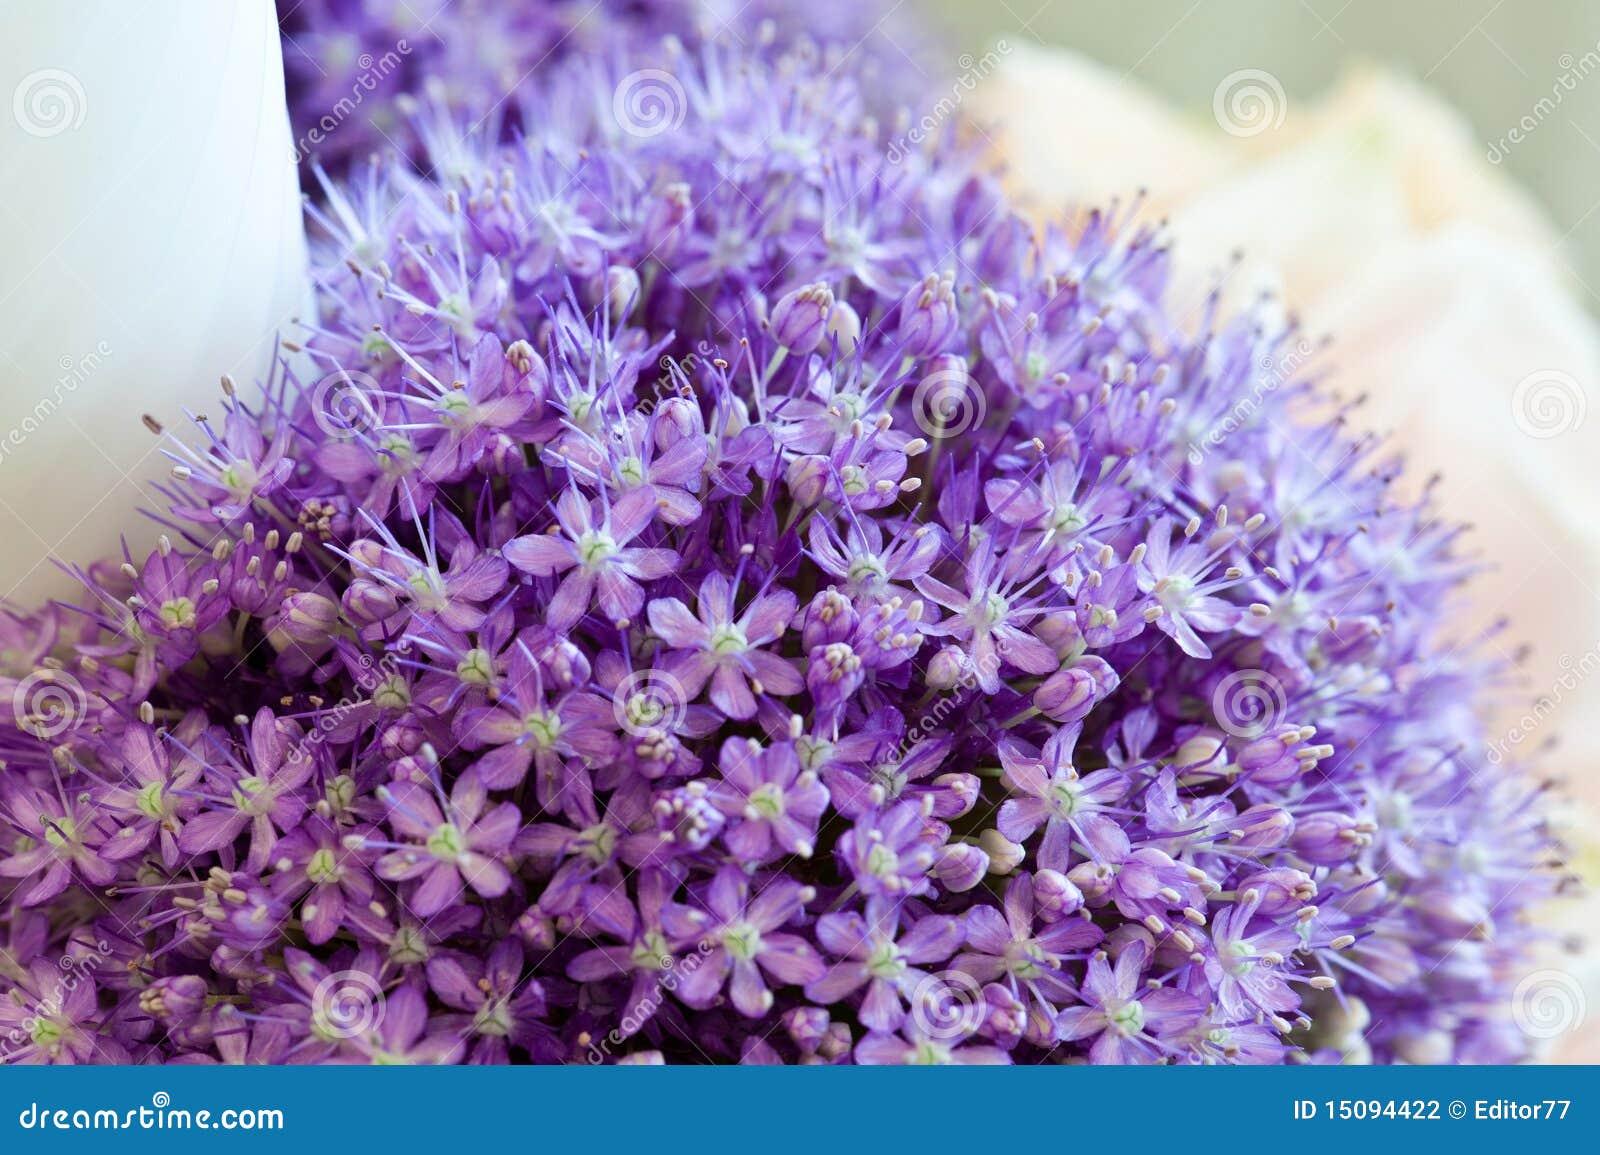 Hochzeits Blumen Dekoration Malvenfarbenes Liliac Stockfoto Bild